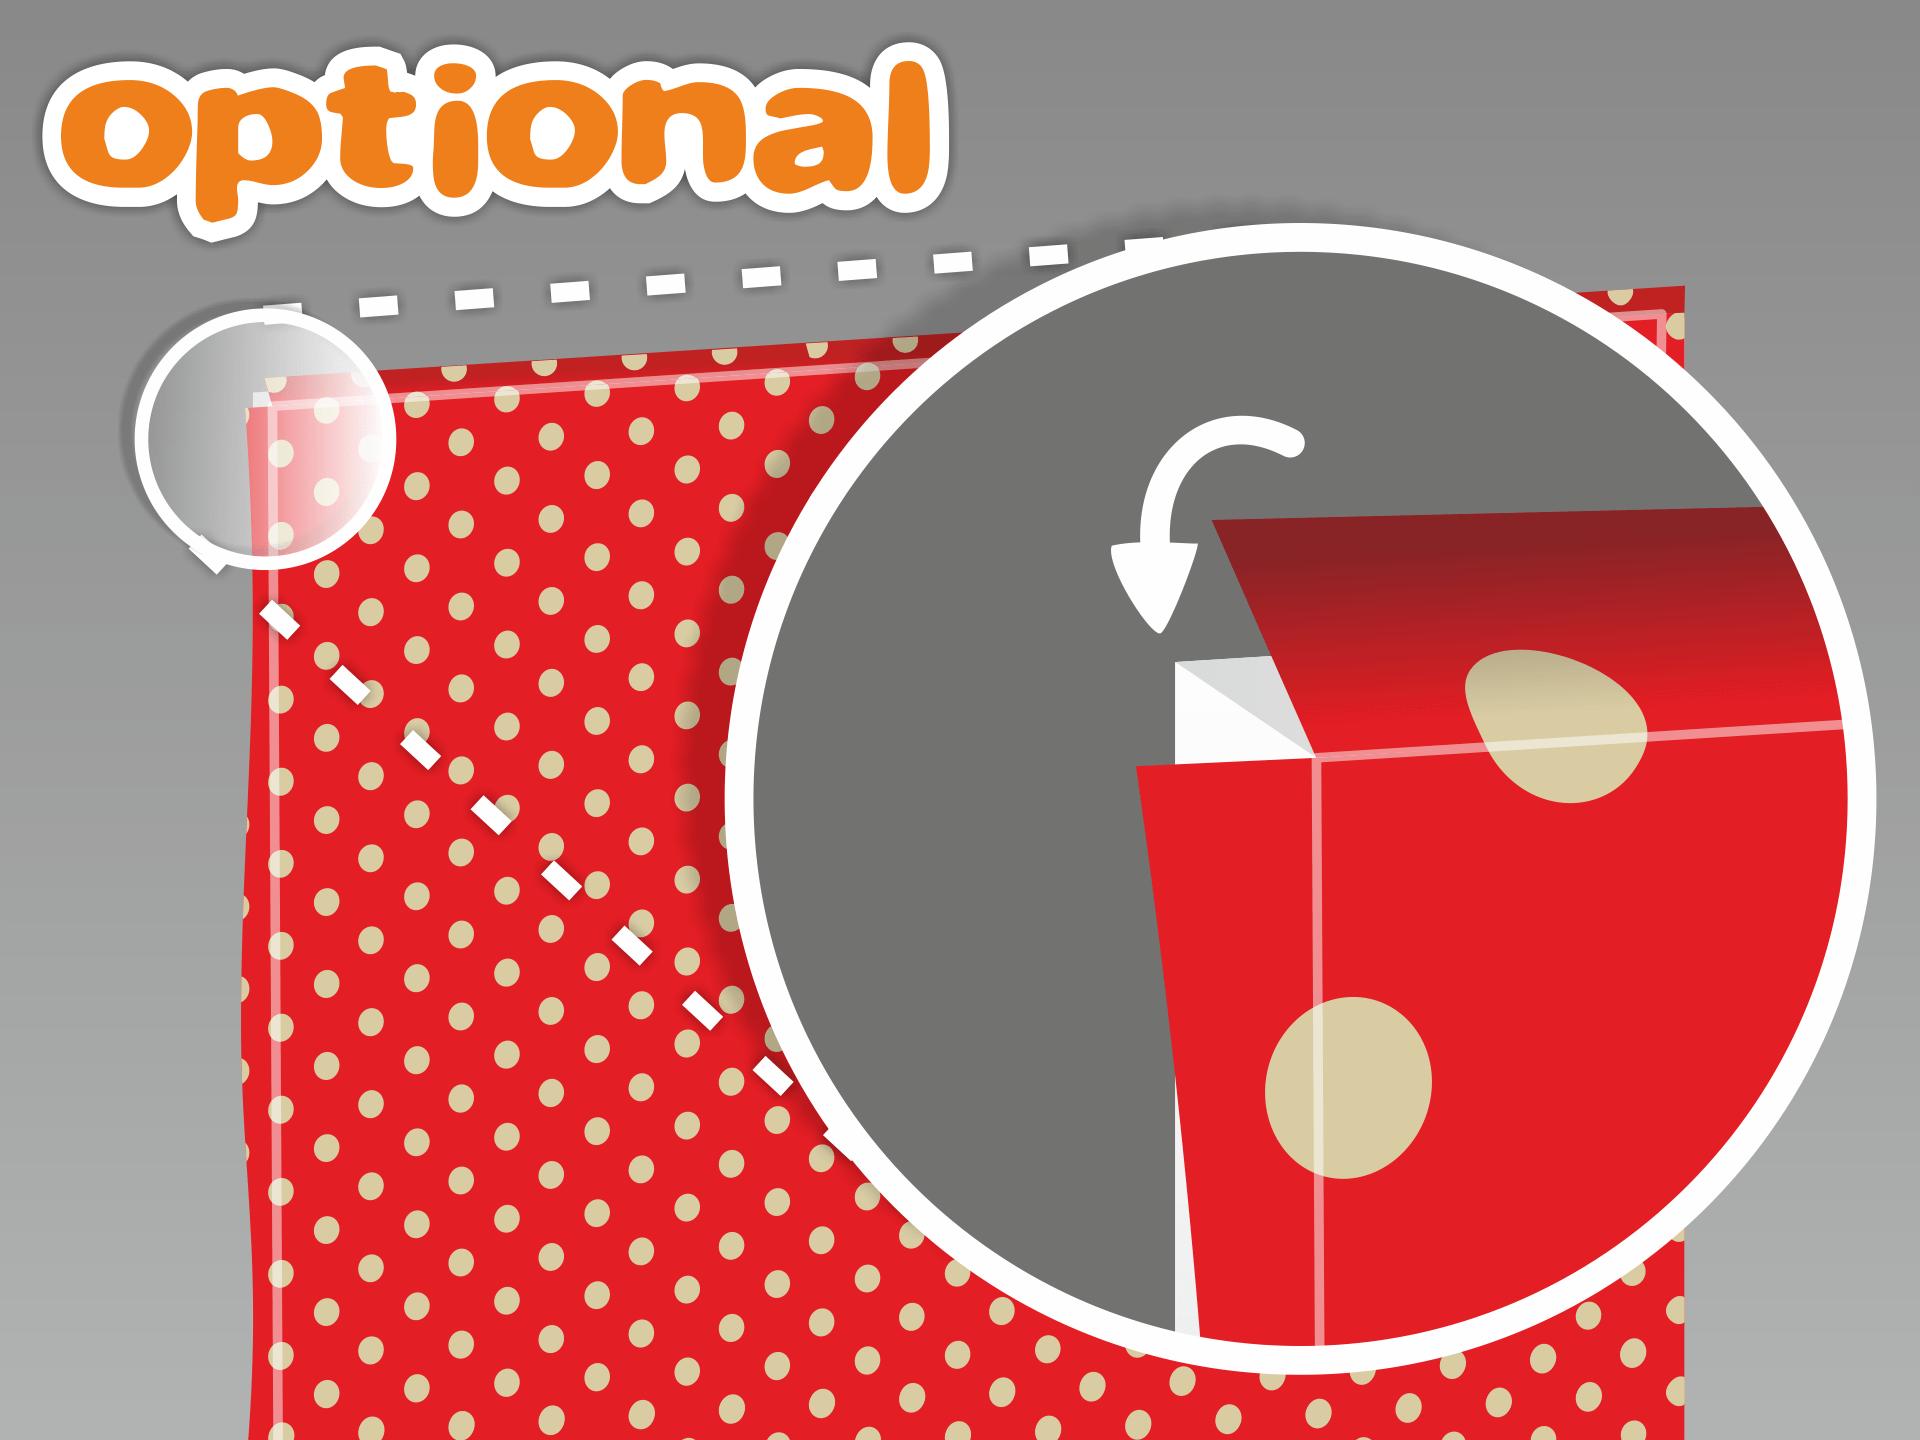 Optional zu Schritt 6 können die überstehenden Folienränder auch umgelegt werden. Schneide die Folie an den Ecken so ein wie abgebildet. Wichtig: Solltest Du die Folienränder umlegen wollen, musst Du jede Möbelfläche einzeln beziehen und ausreichen Folienrand einplanen.